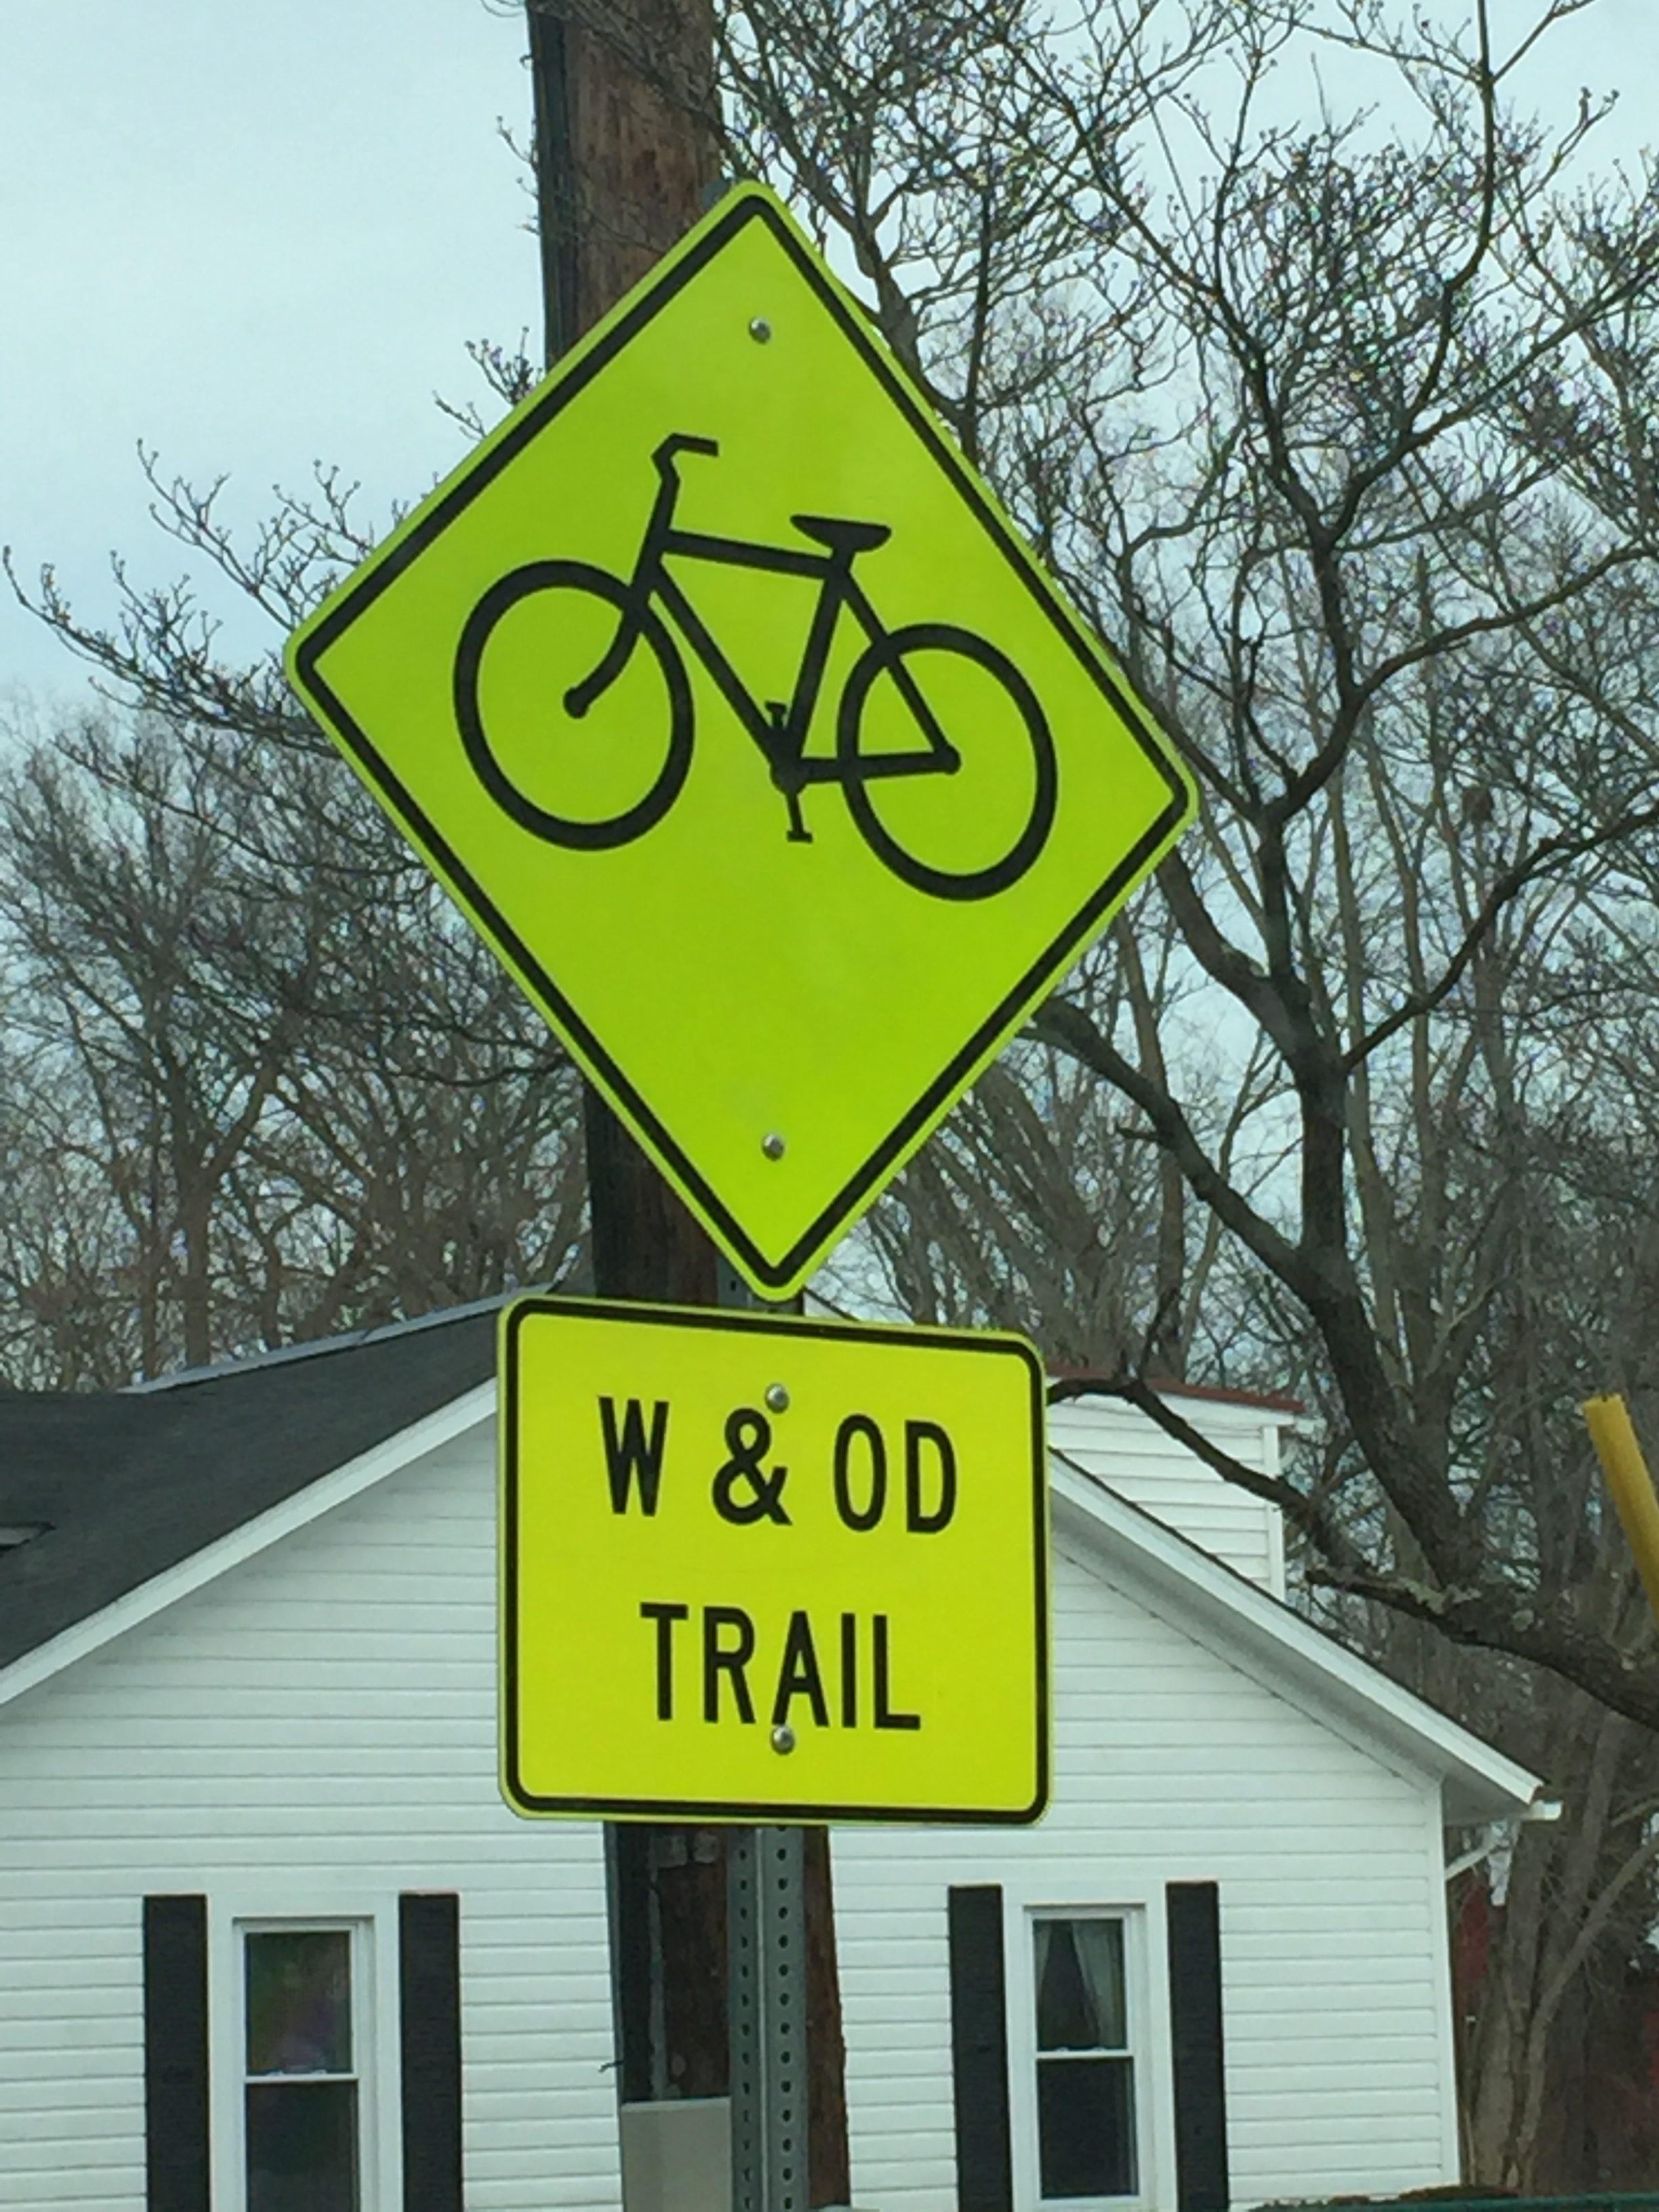 W & OD Trail